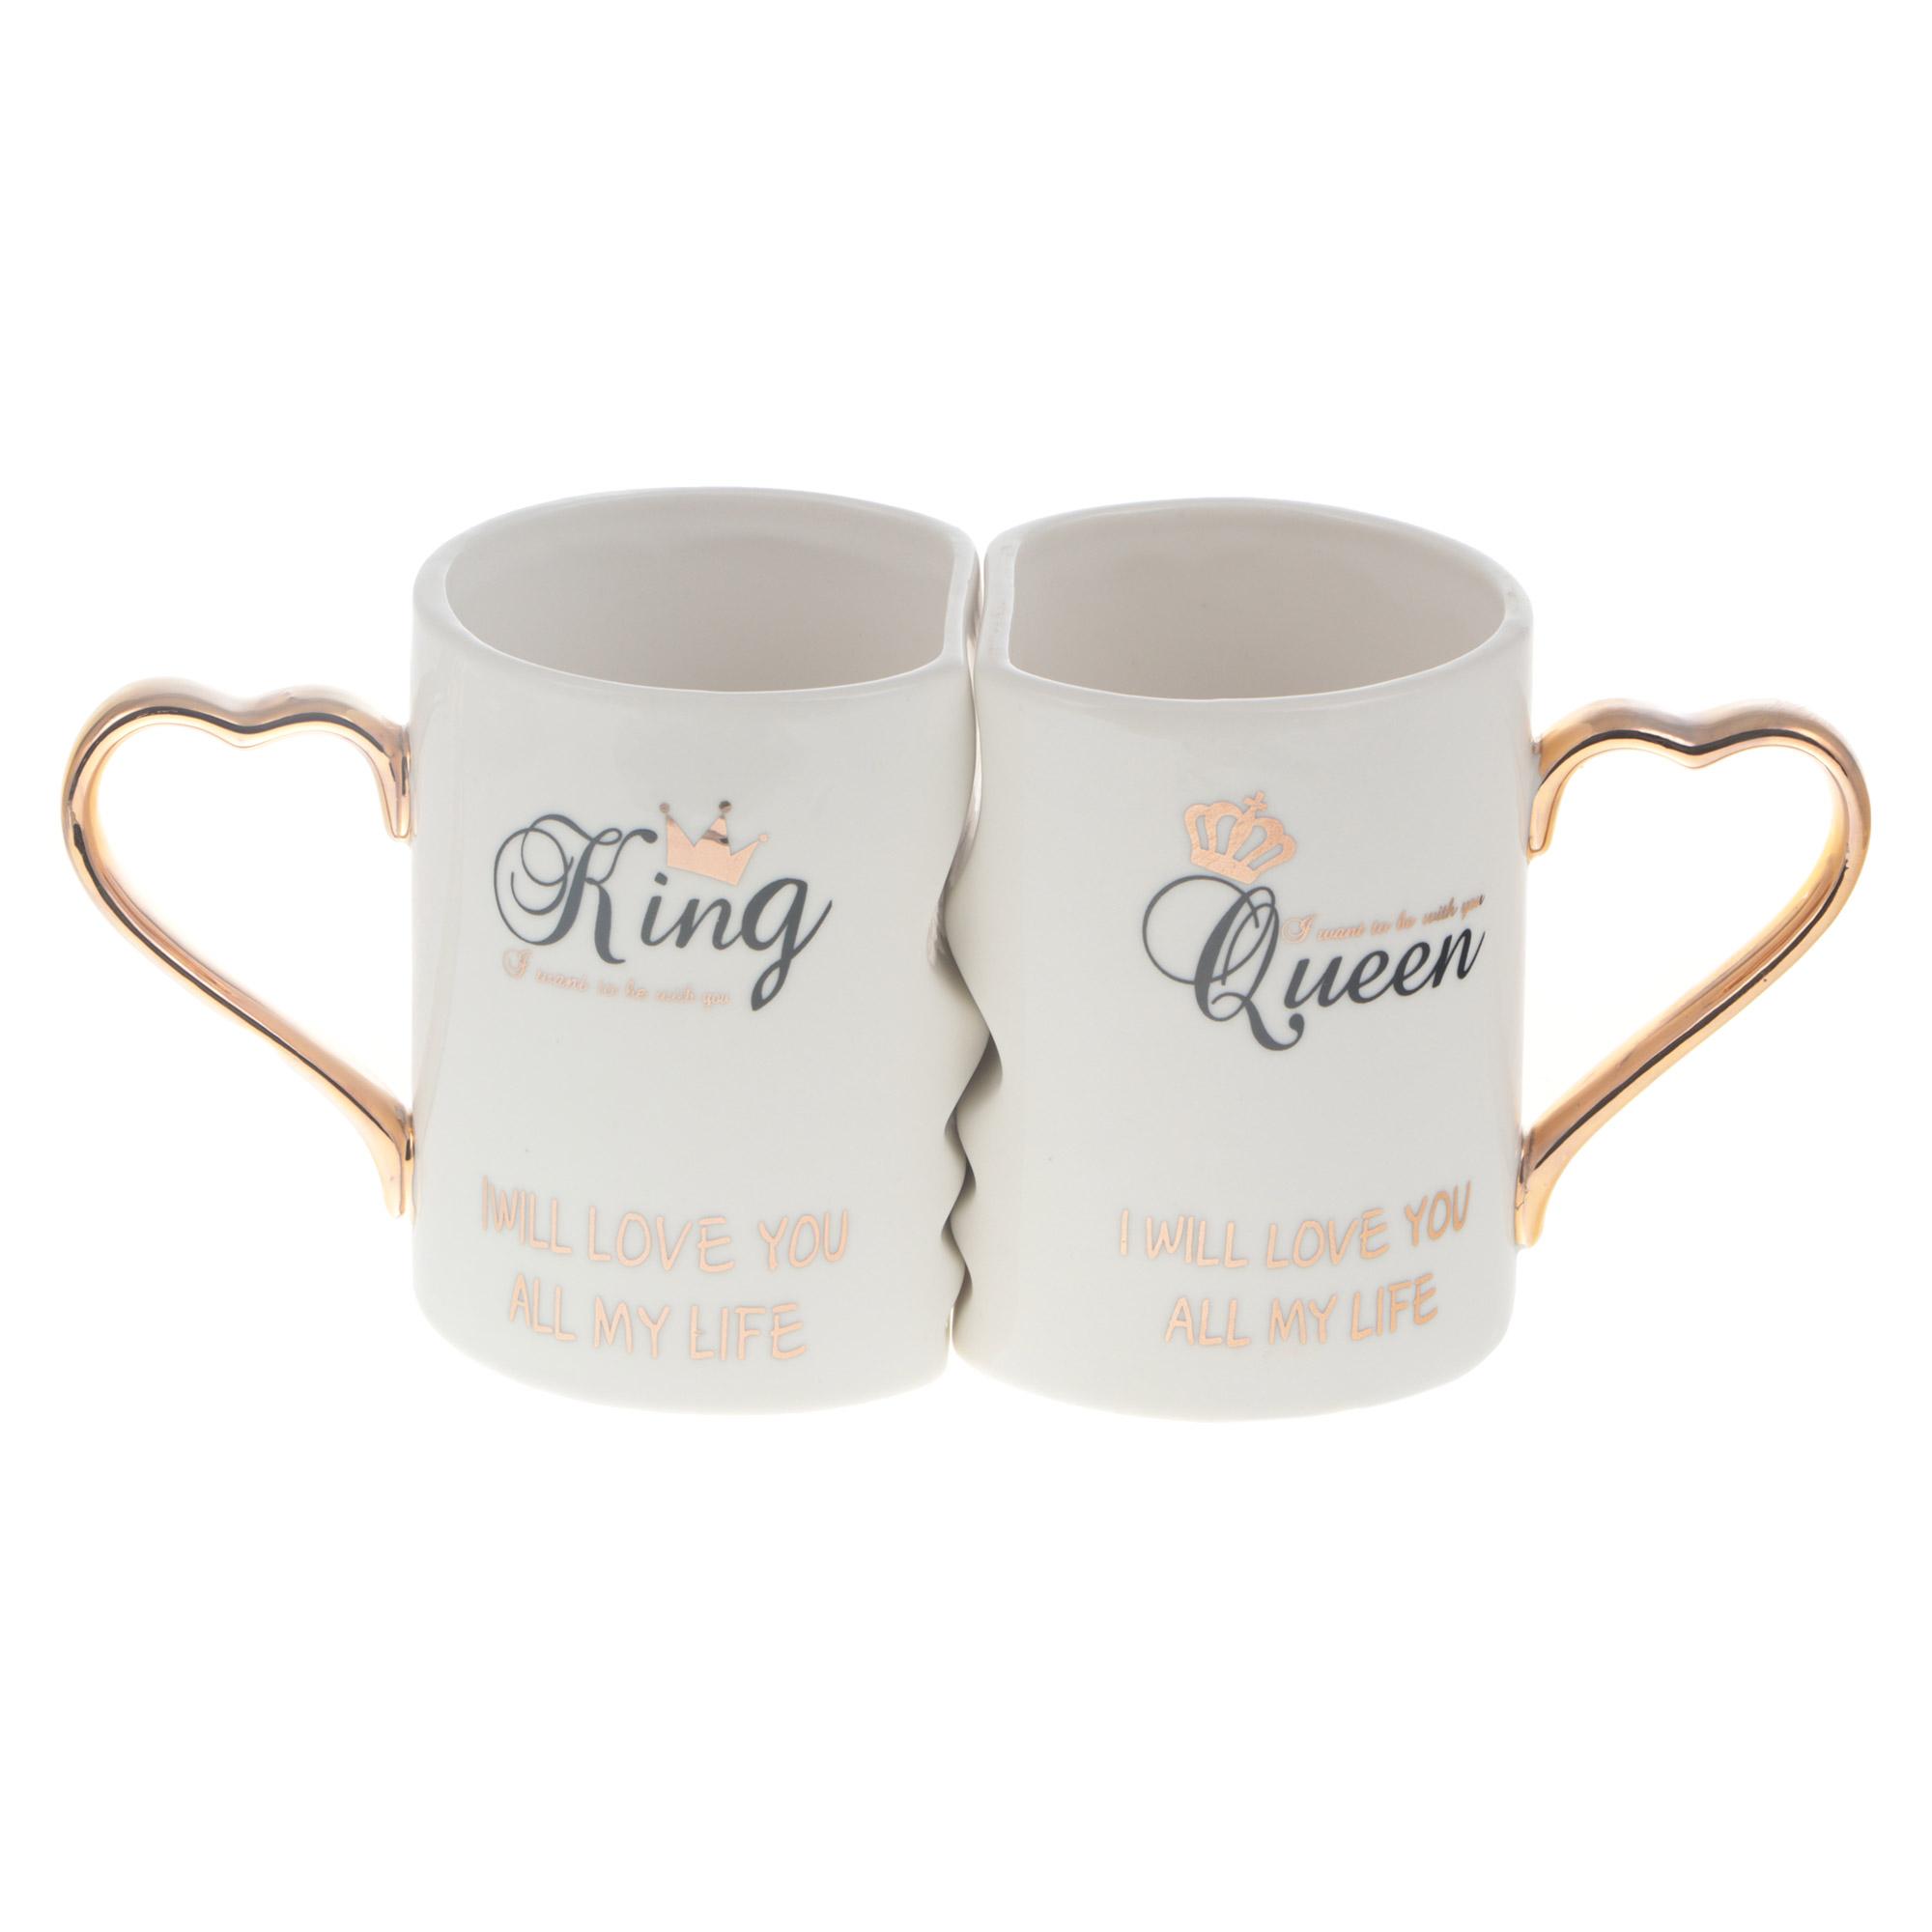 Набор 2х кружек Eco cup king+queen 325мл